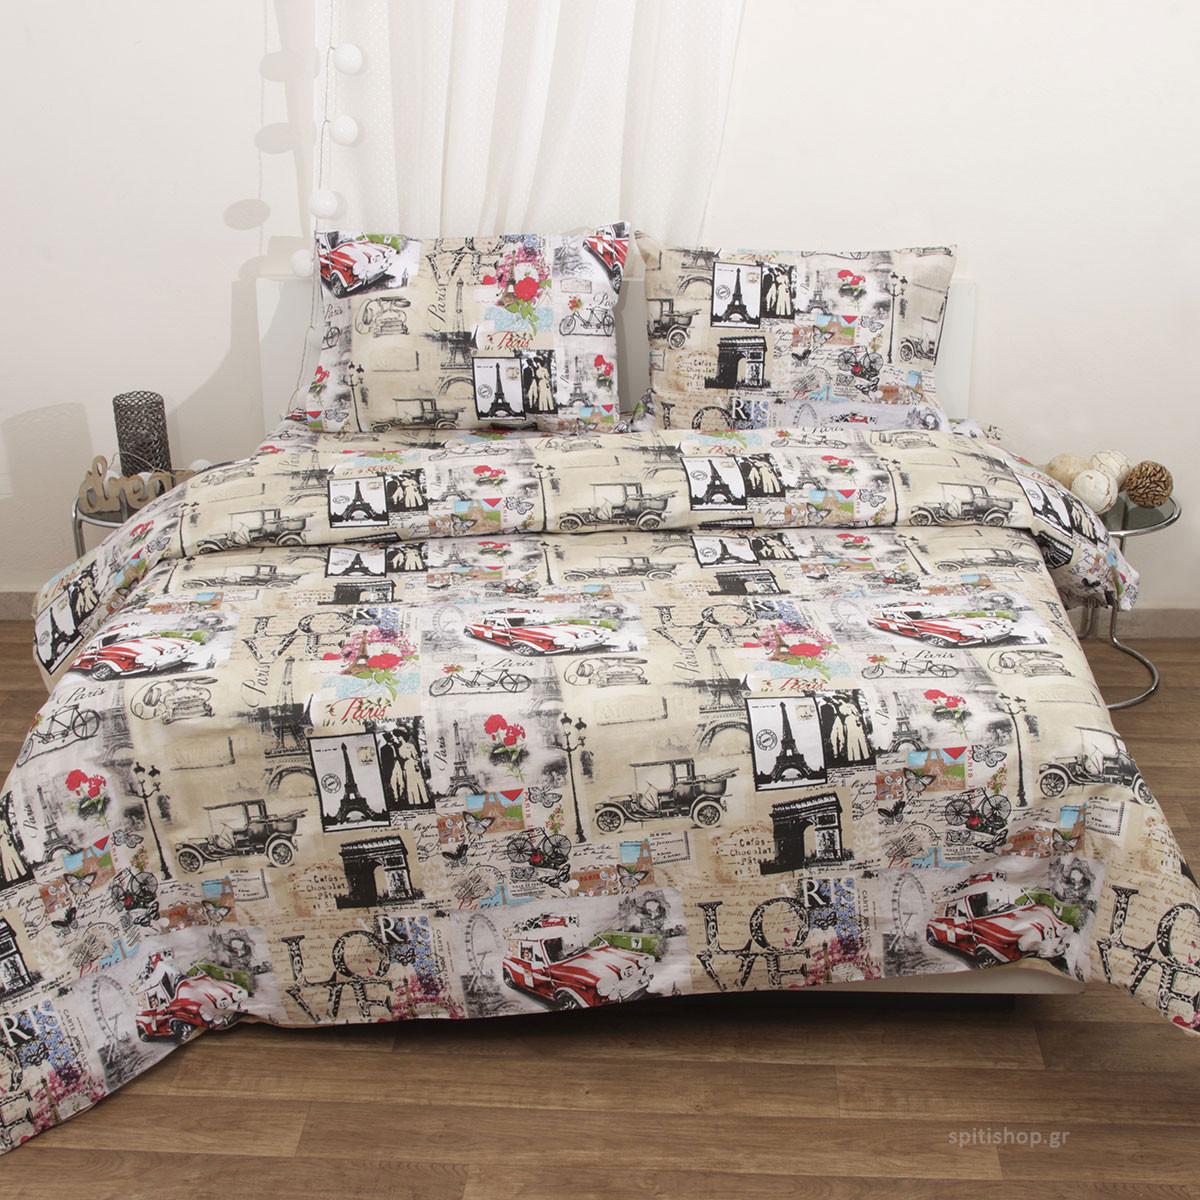 Πάπλωμα Ημίδιπλο (Σετ) Viopros Fresh Τράβελ home   κρεβατοκάμαρα   παπλώματα   παπλώματα ημίδιπλα   διπλά